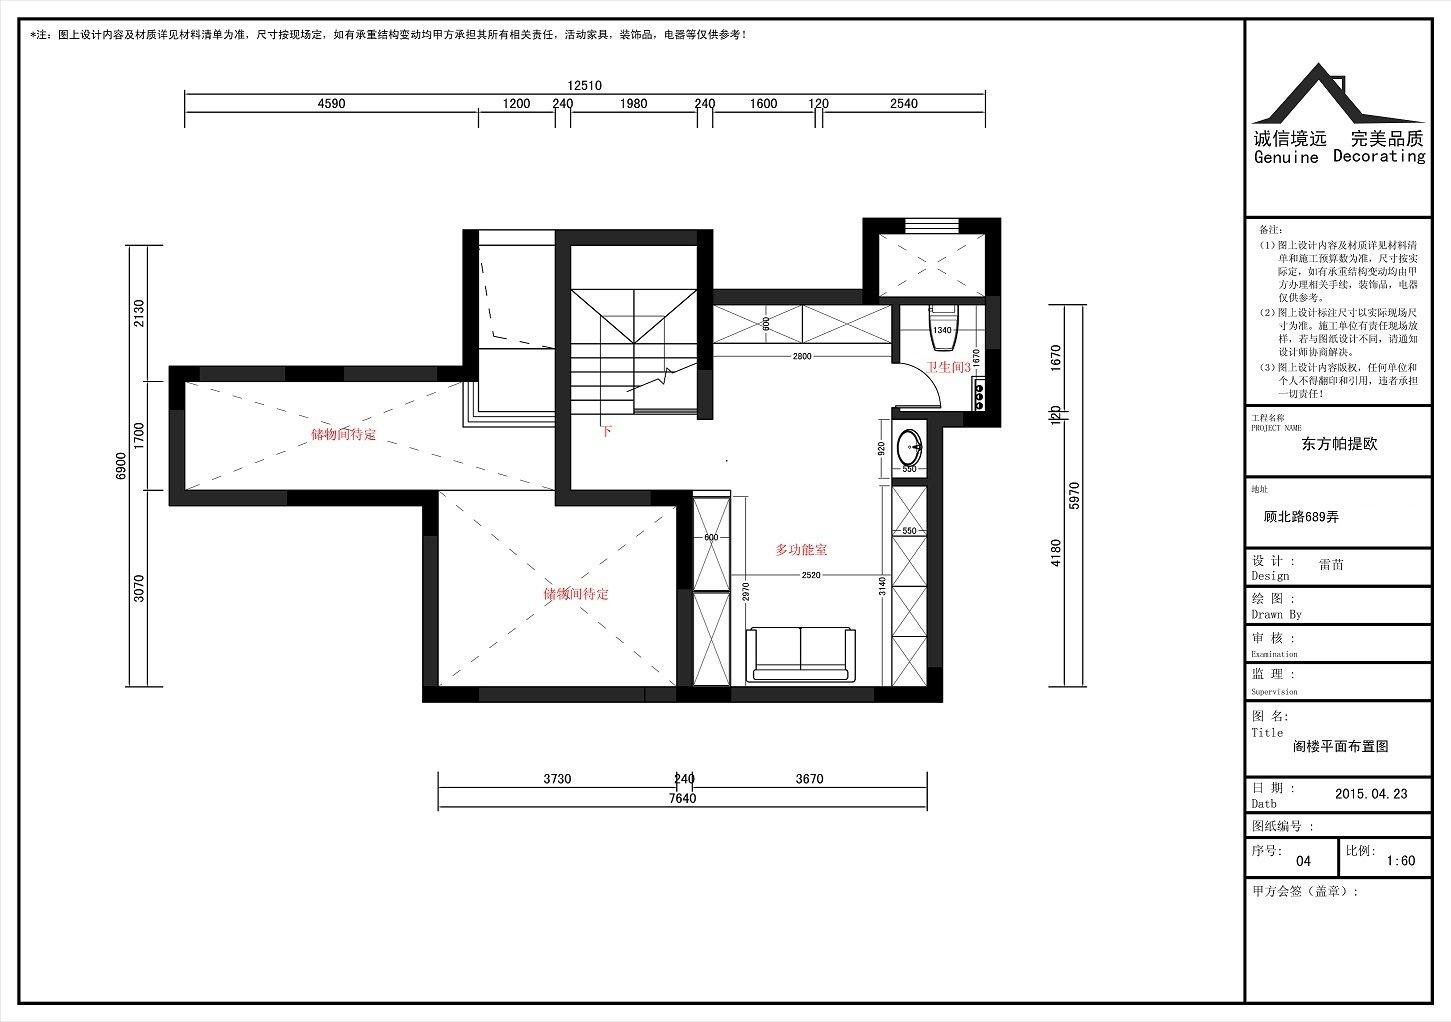 2阁楼平面布置图.jpg